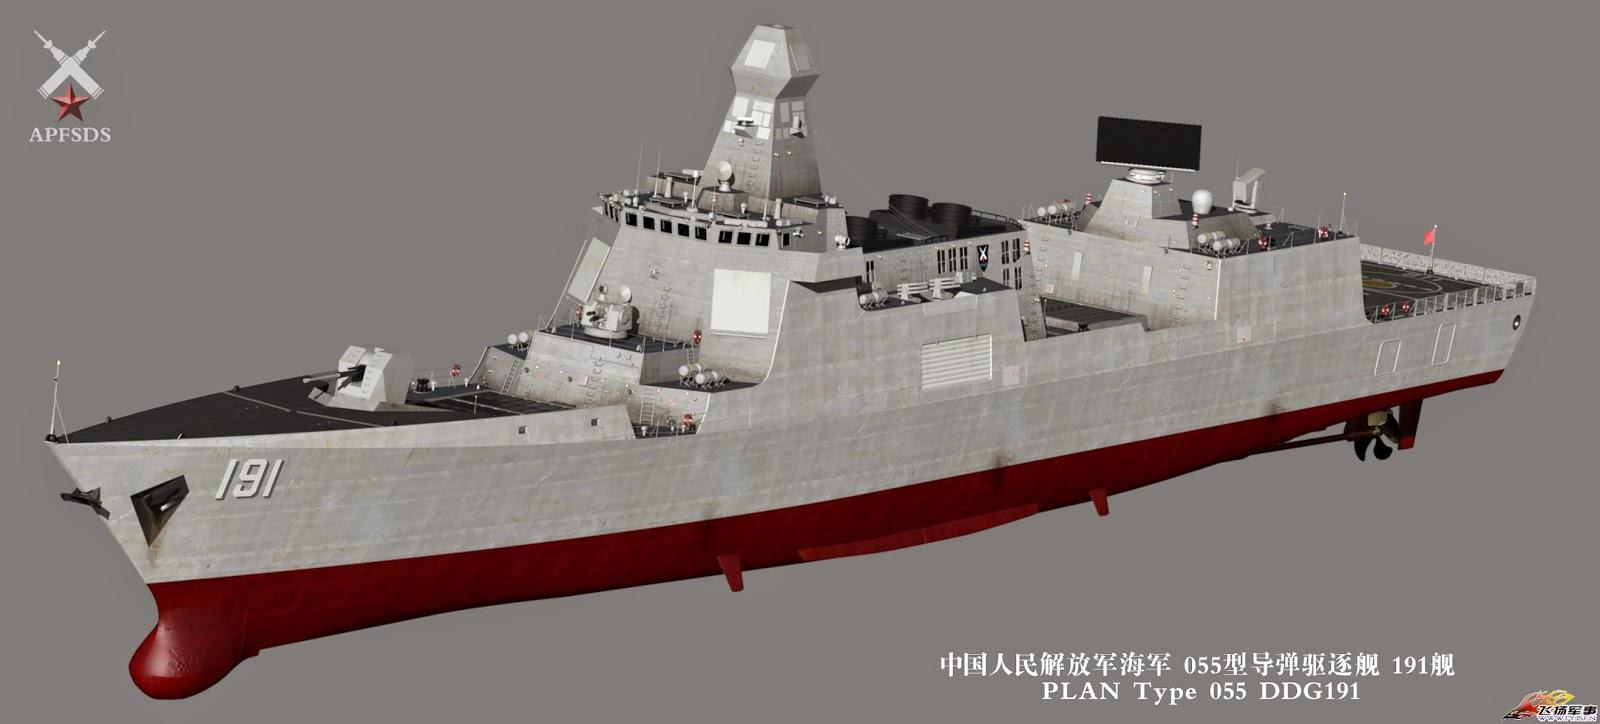 الحرب البحريّة والمواجهة العالميّة القادمة  PLANs-Next-Generation-Type-055-Class-Guided-Missile-Destroyers-missile-hhq-19-19-missiles-age-3